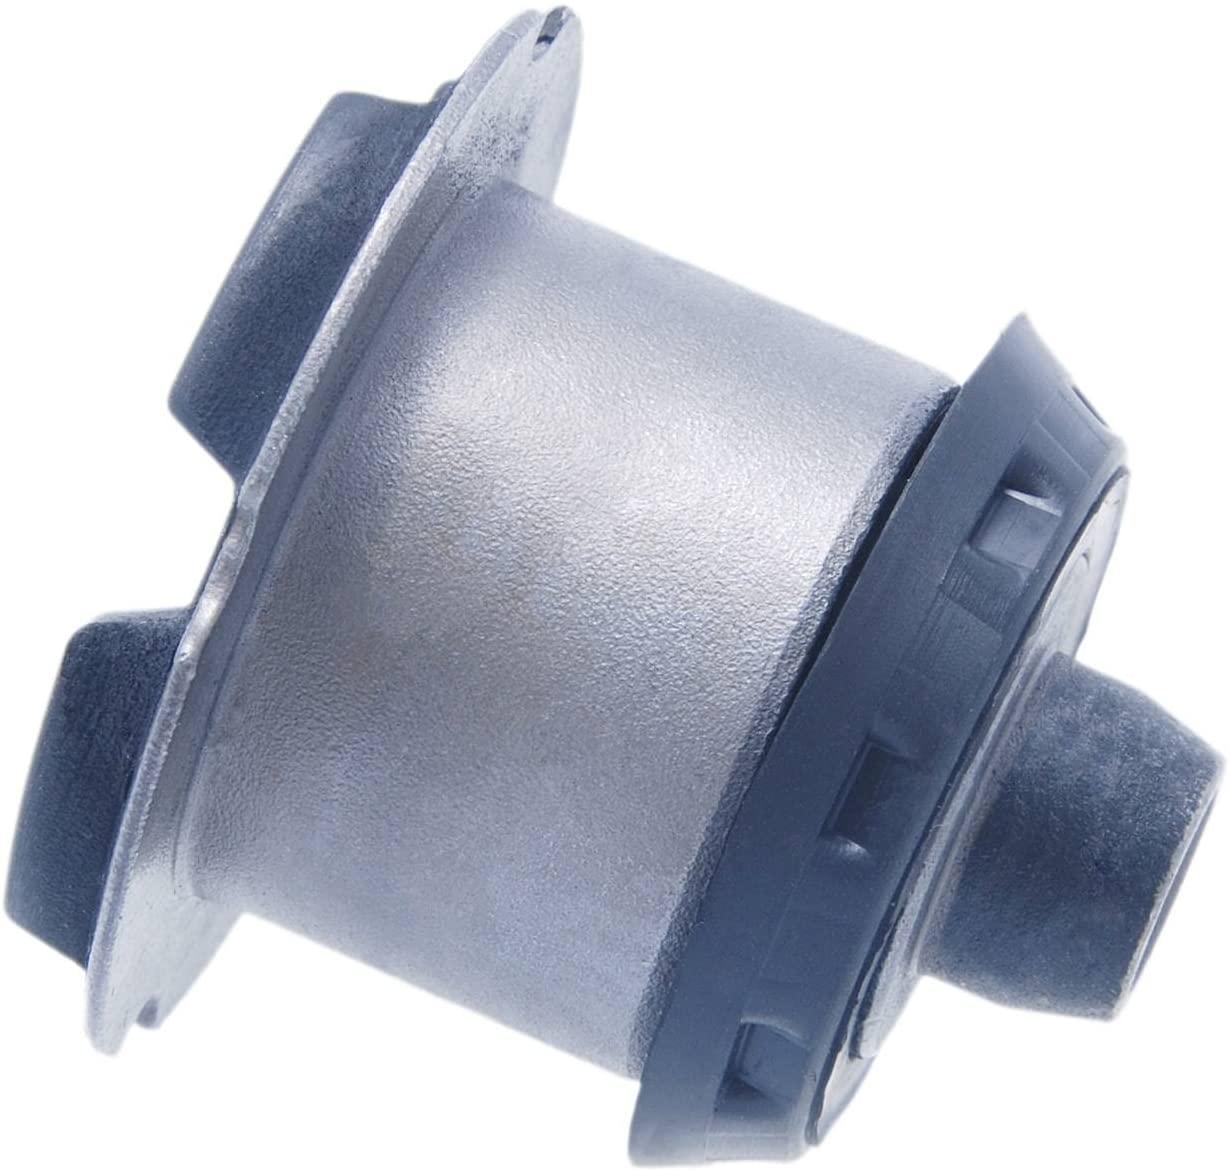 4806299 / 4806299 - Rear Body Bushing For Opel